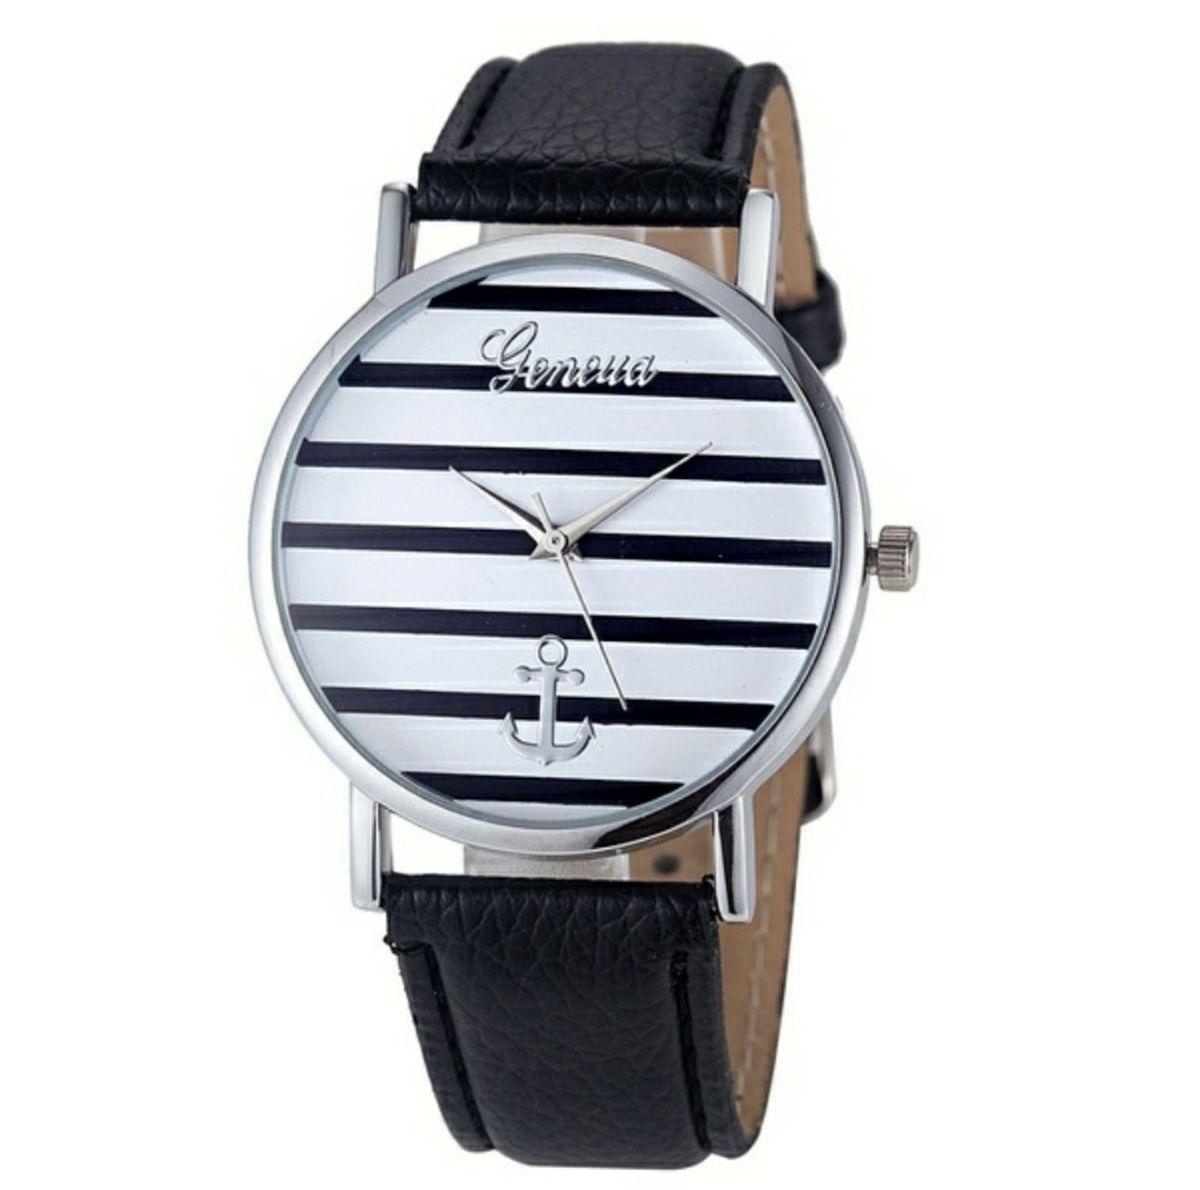 5c8d426b576 frete grátis - relógio geneva feminino pulseira em couro - relógios geneva